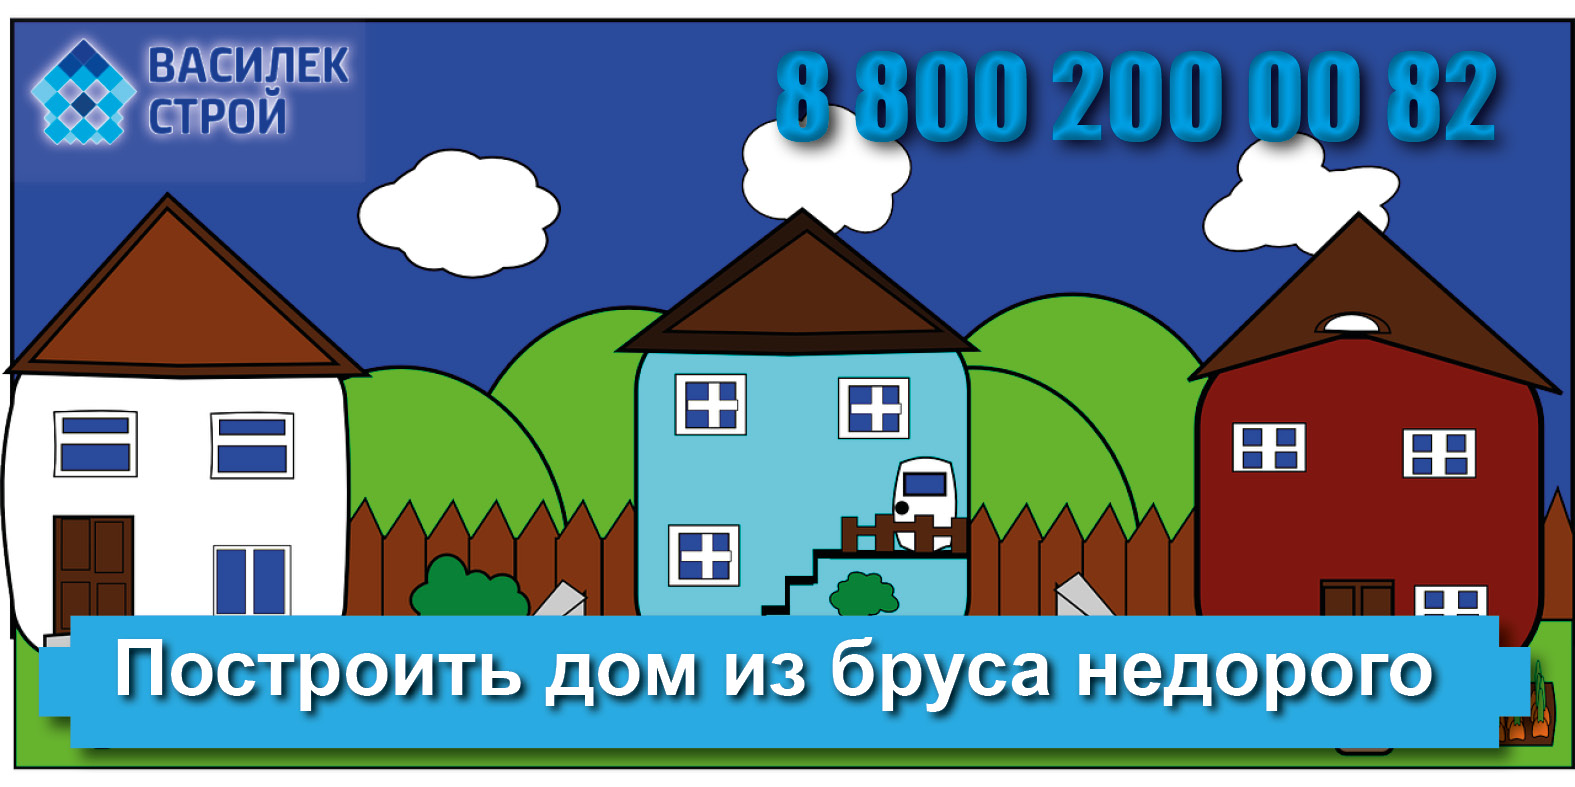 Лучшие бесплатные проекты недорогих домов для вас: мы поможем вам построить дом из бруса недорого: поставка срубов домов из бруса недорого